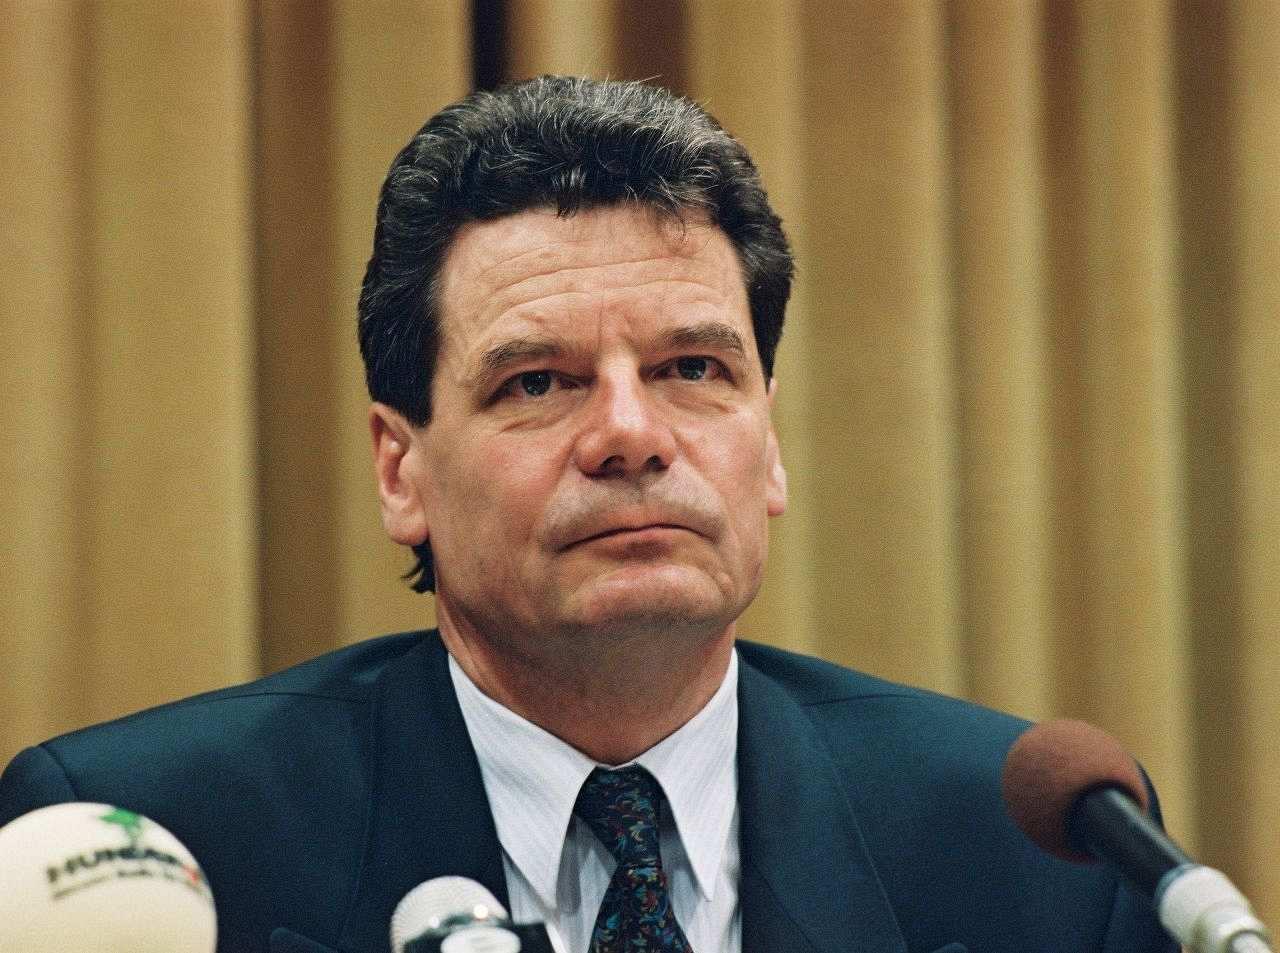 <b>Joachim Gauck</b>, Bundesbeauftragter für die Unterlagen des ... - gauck-joachim_foto_LEMO-F-4-198_bbst